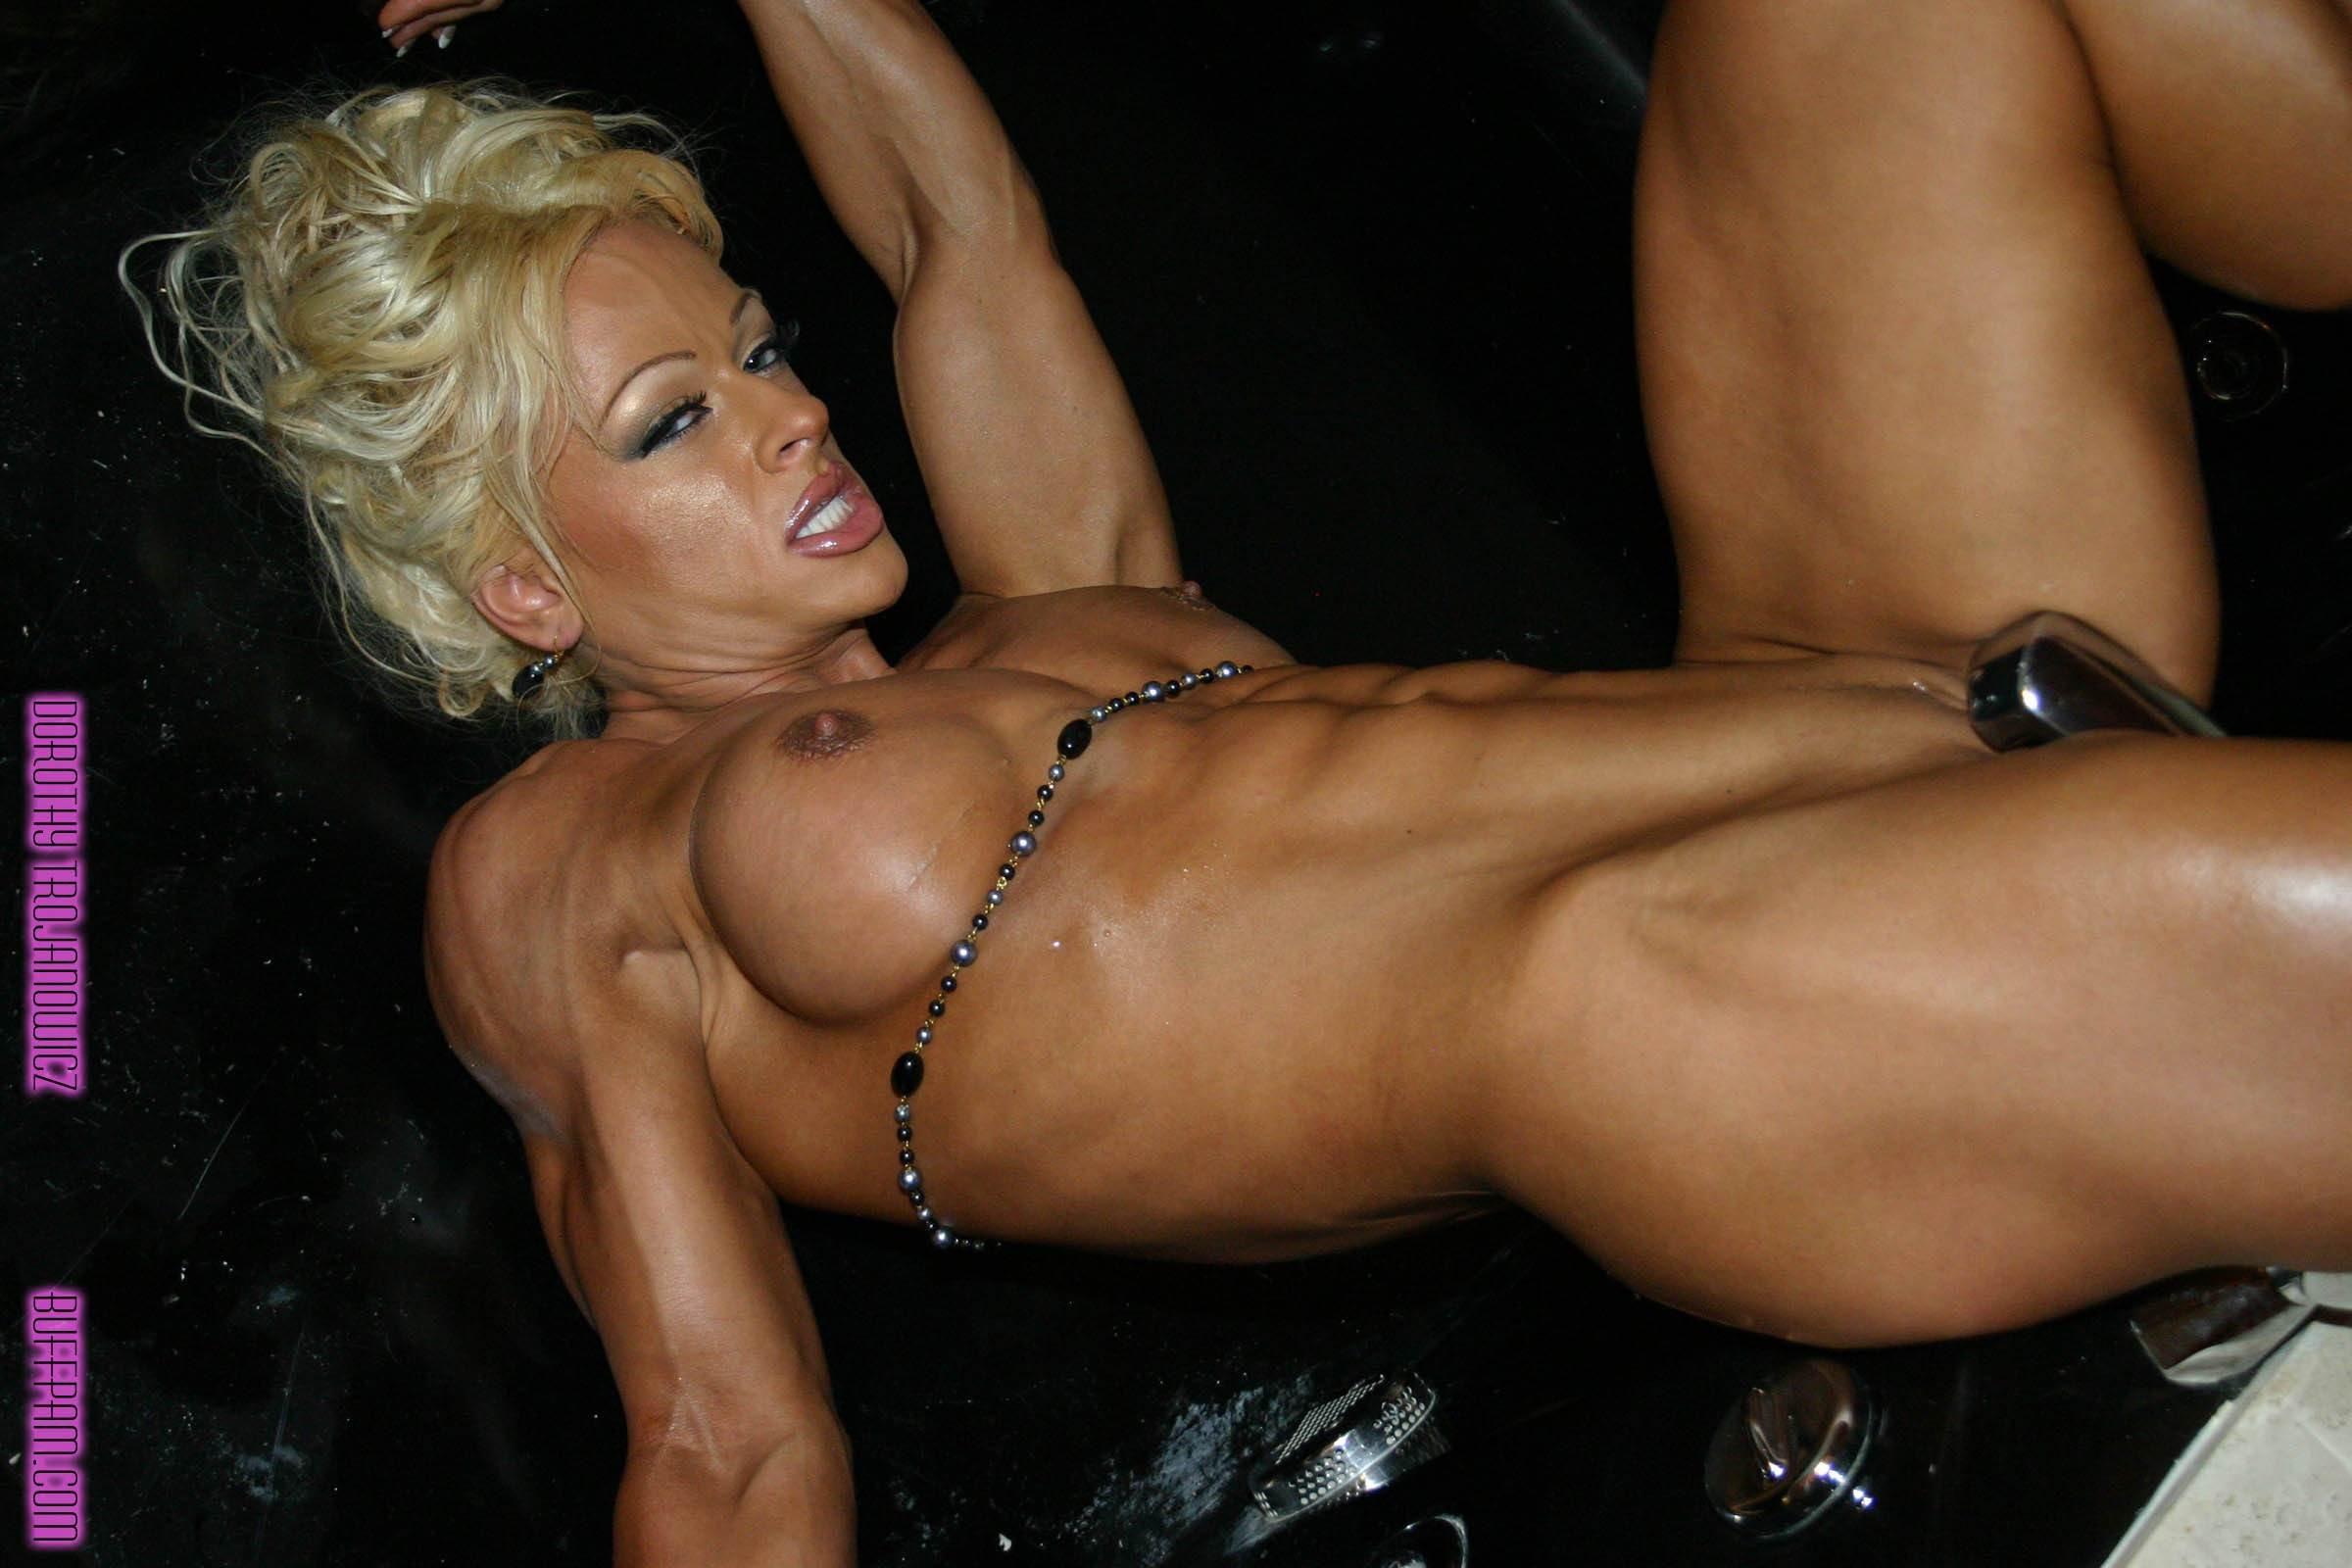 С женщиной бодибилдером секс, Порно с накачанными, мускулистыми женщинами 13 фотография